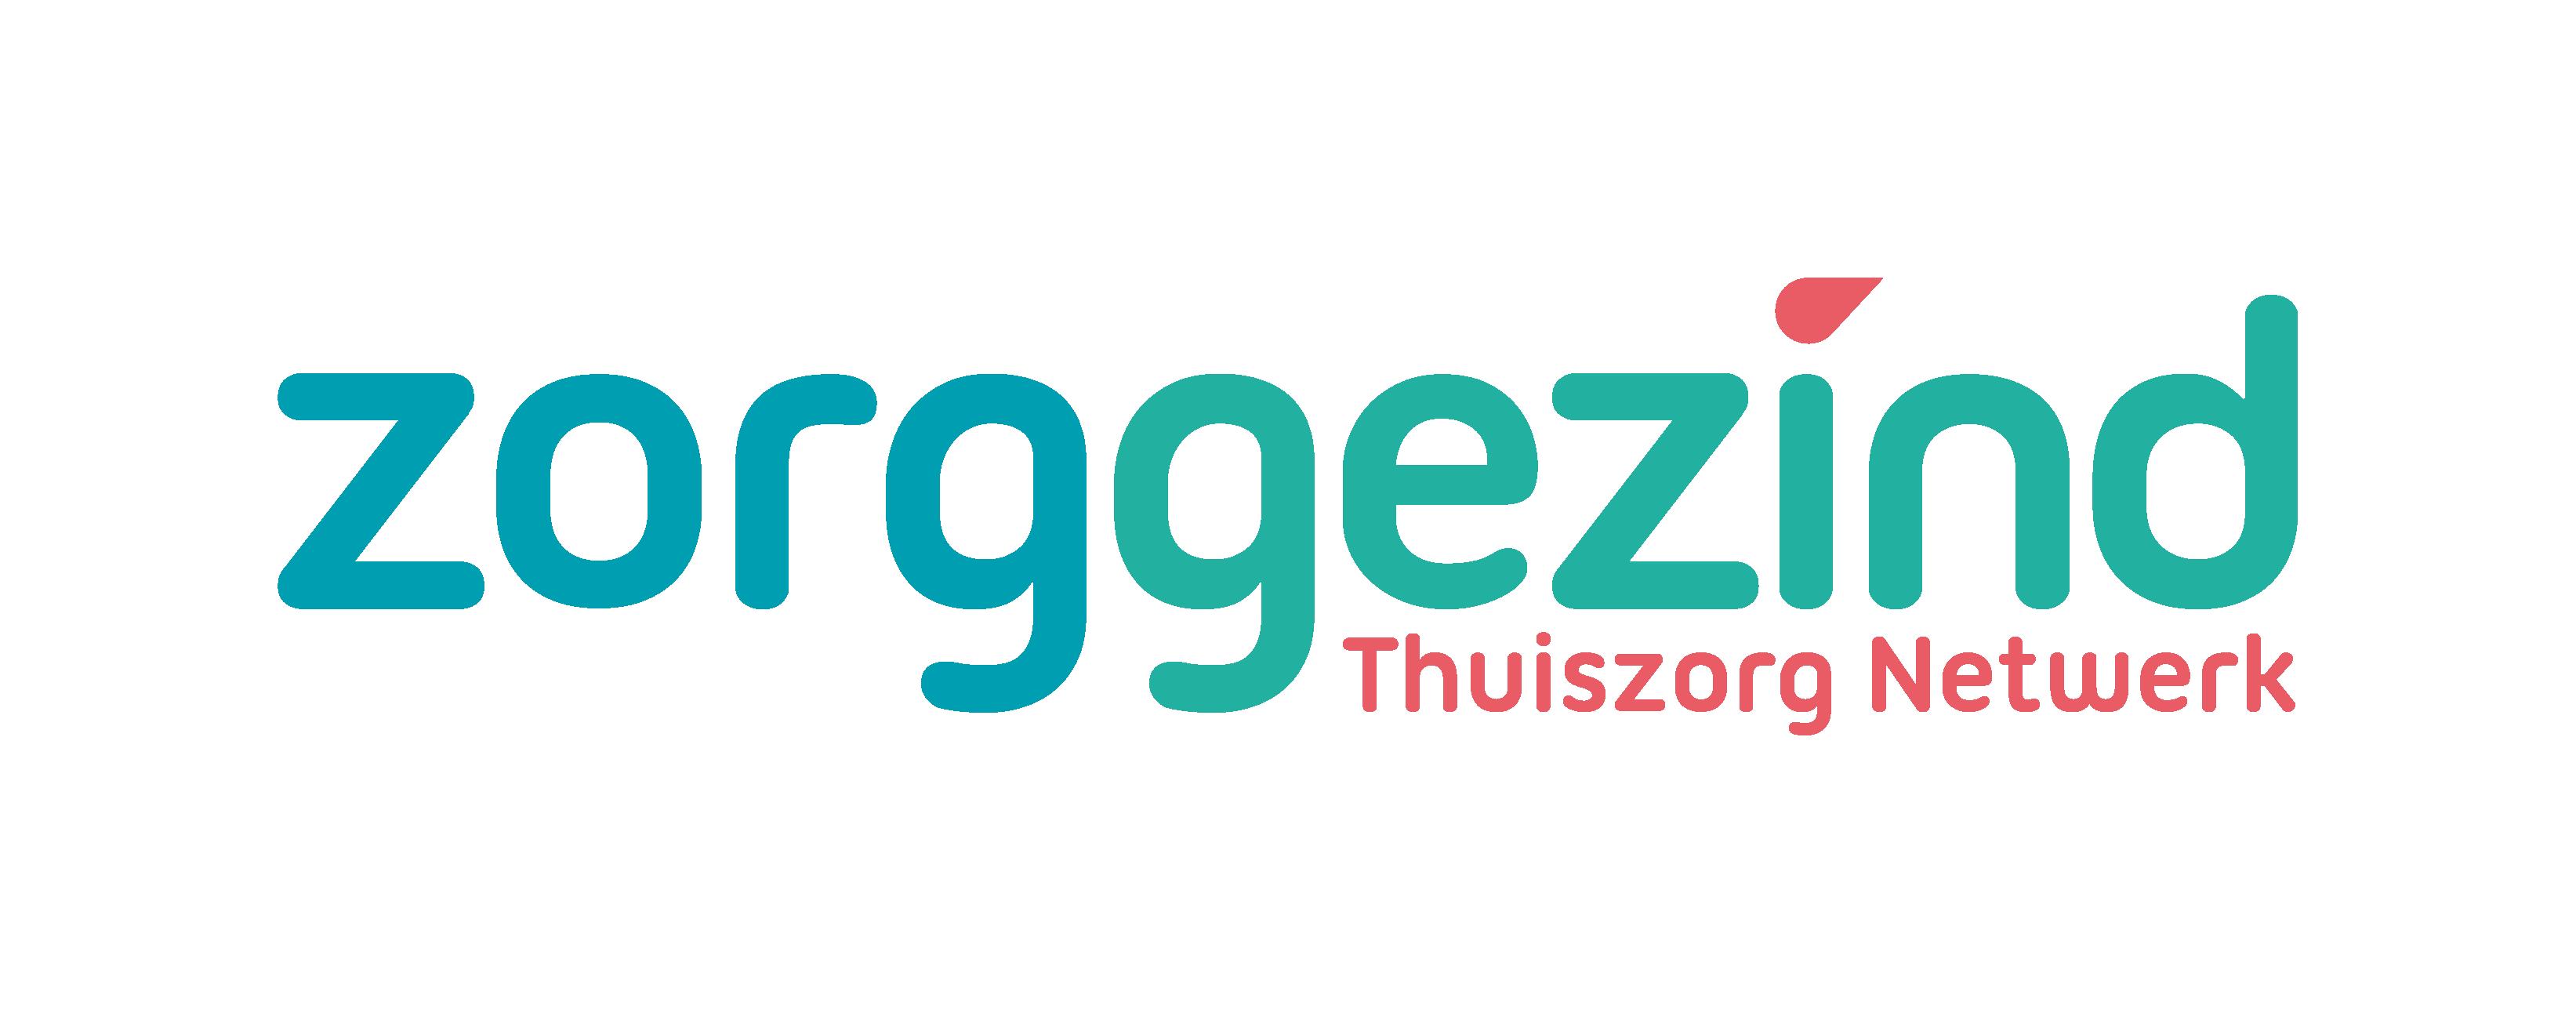 ZORGGEZIND_LOGO_RGB